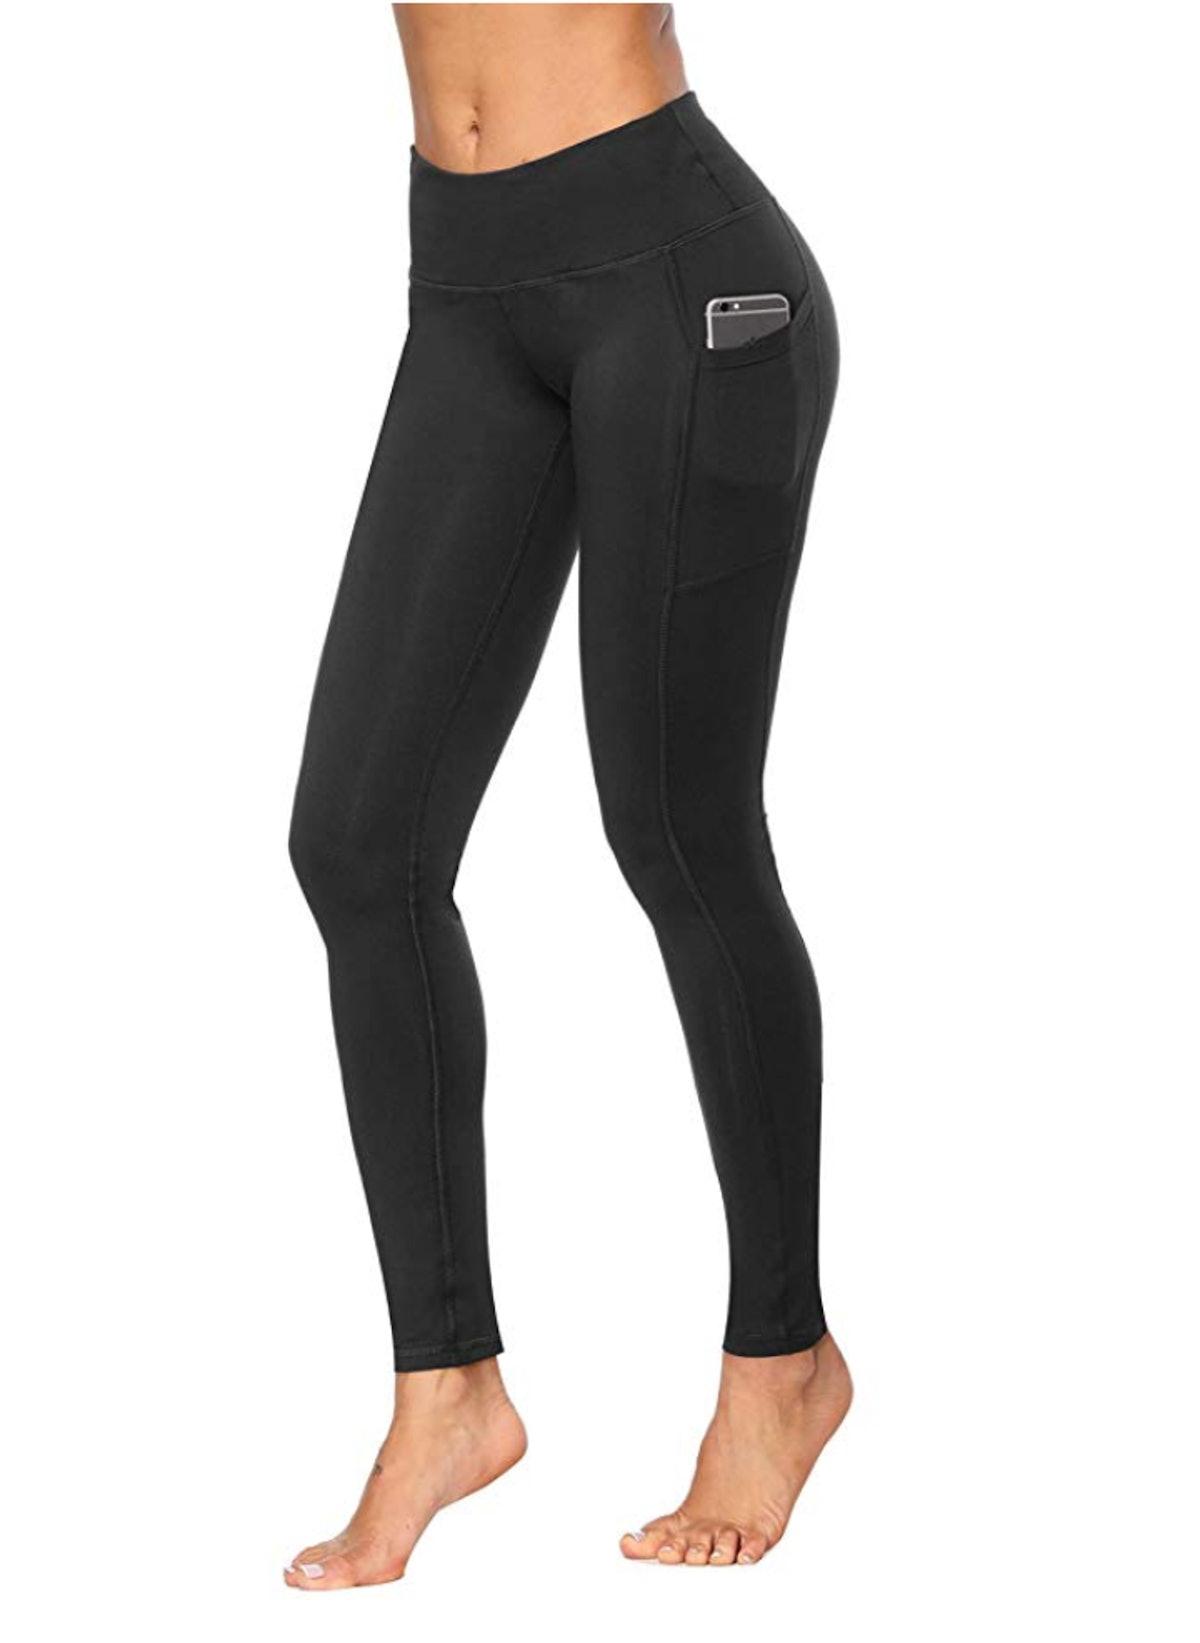 Fengbay Yoga Pants (XS-XXL)